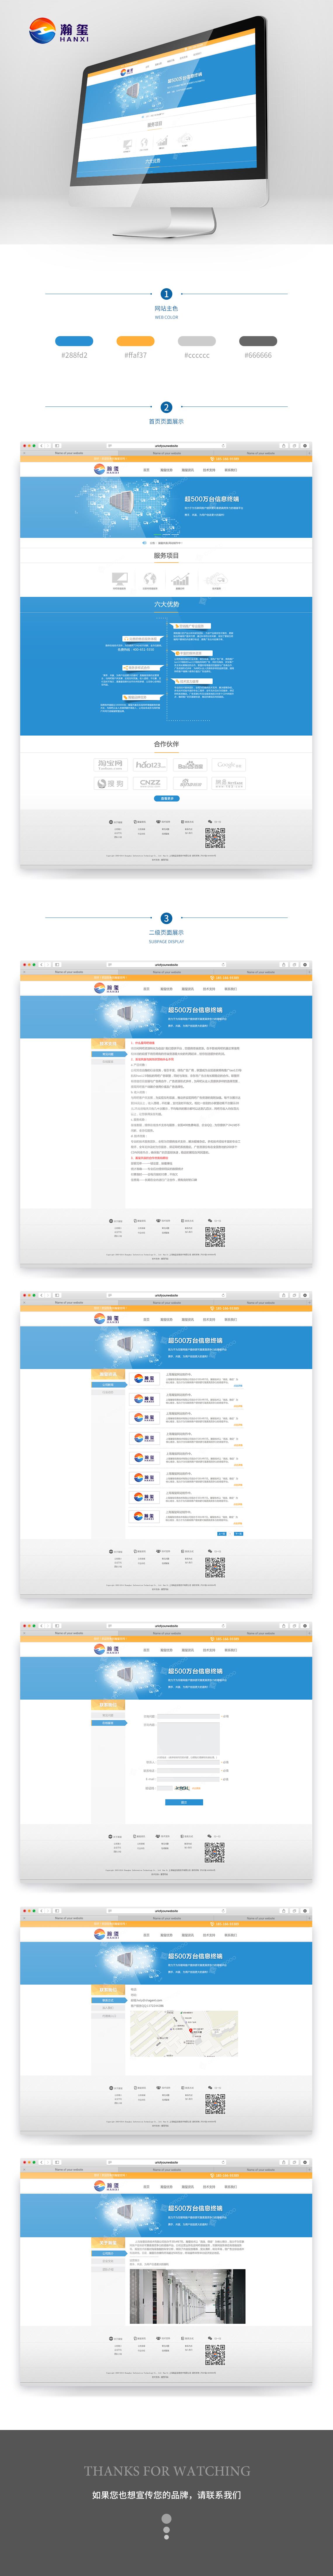 公司网站建设案例之瀚玺信息技术公司